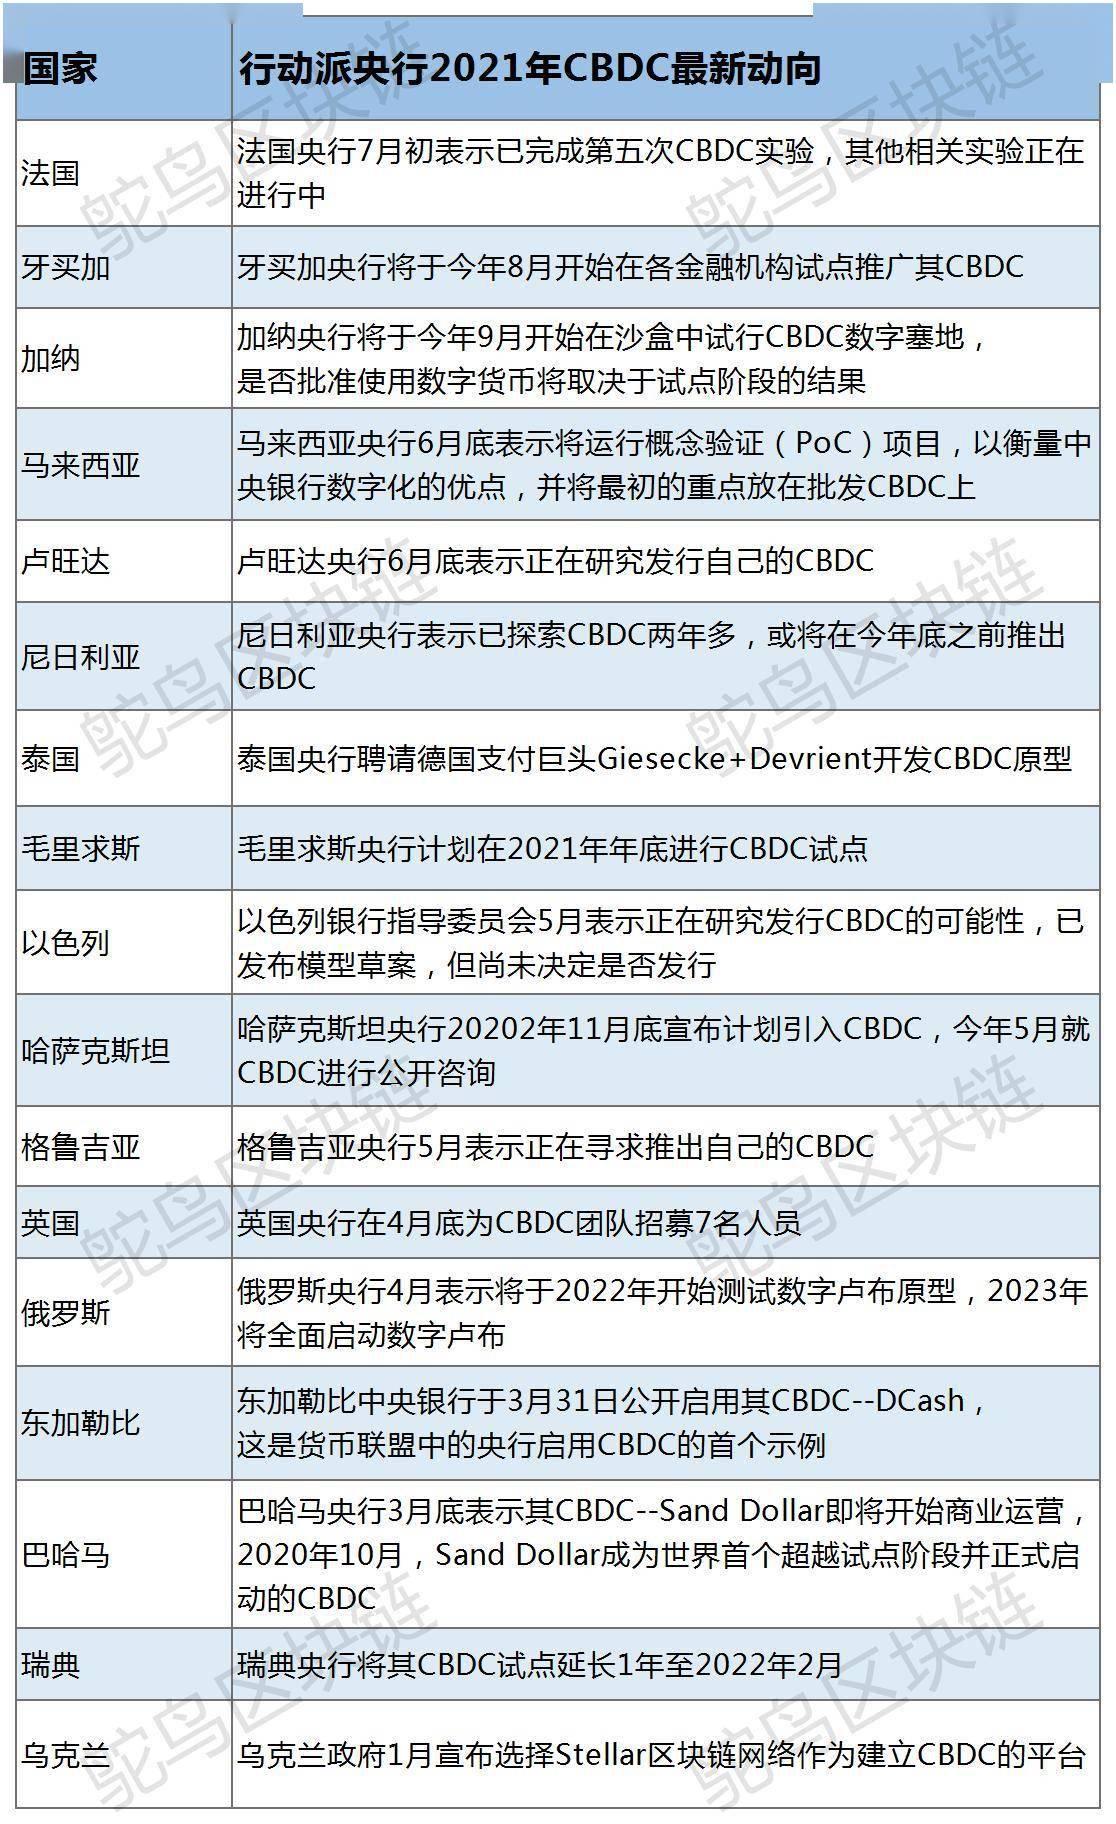 一文盘点2021上半年各国央行CBDC进展